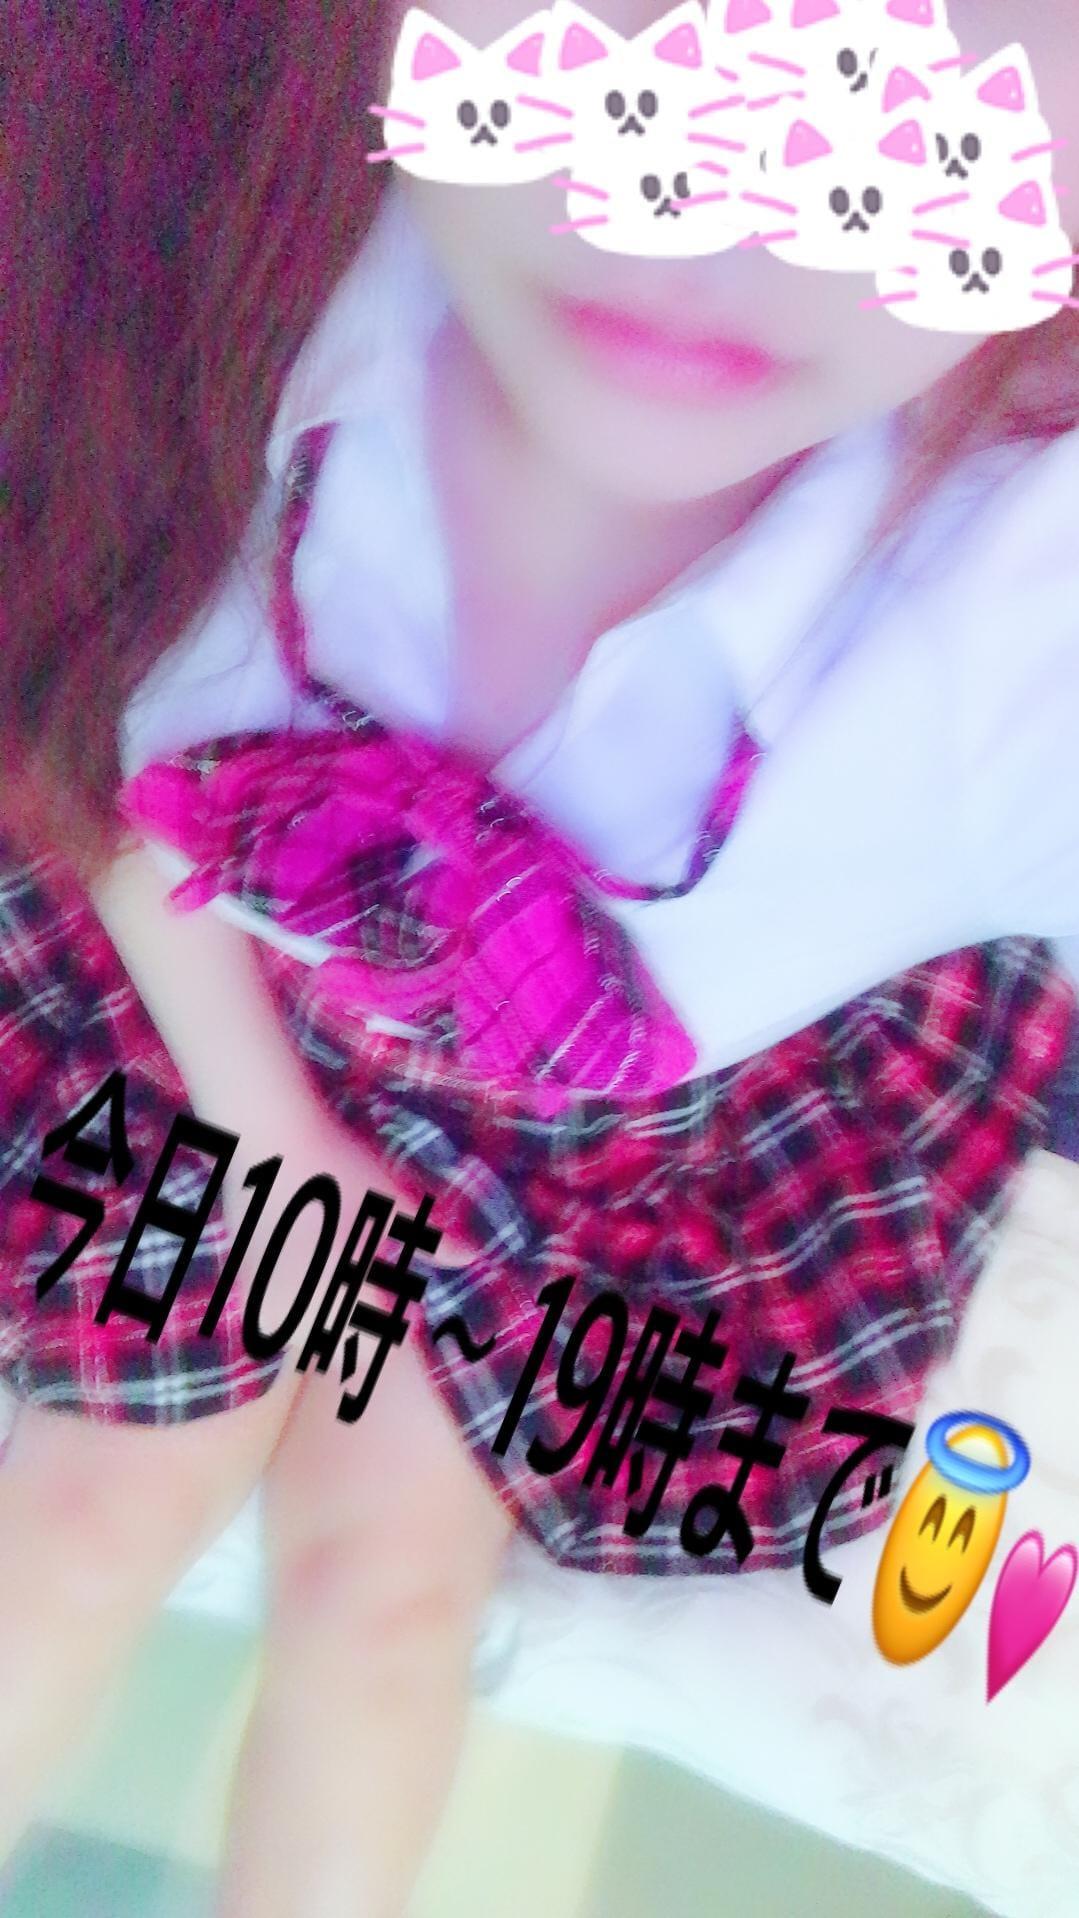 「おはようございます♡」06/23(06/23) 10:00 | えまちゃんの写メ・風俗動画